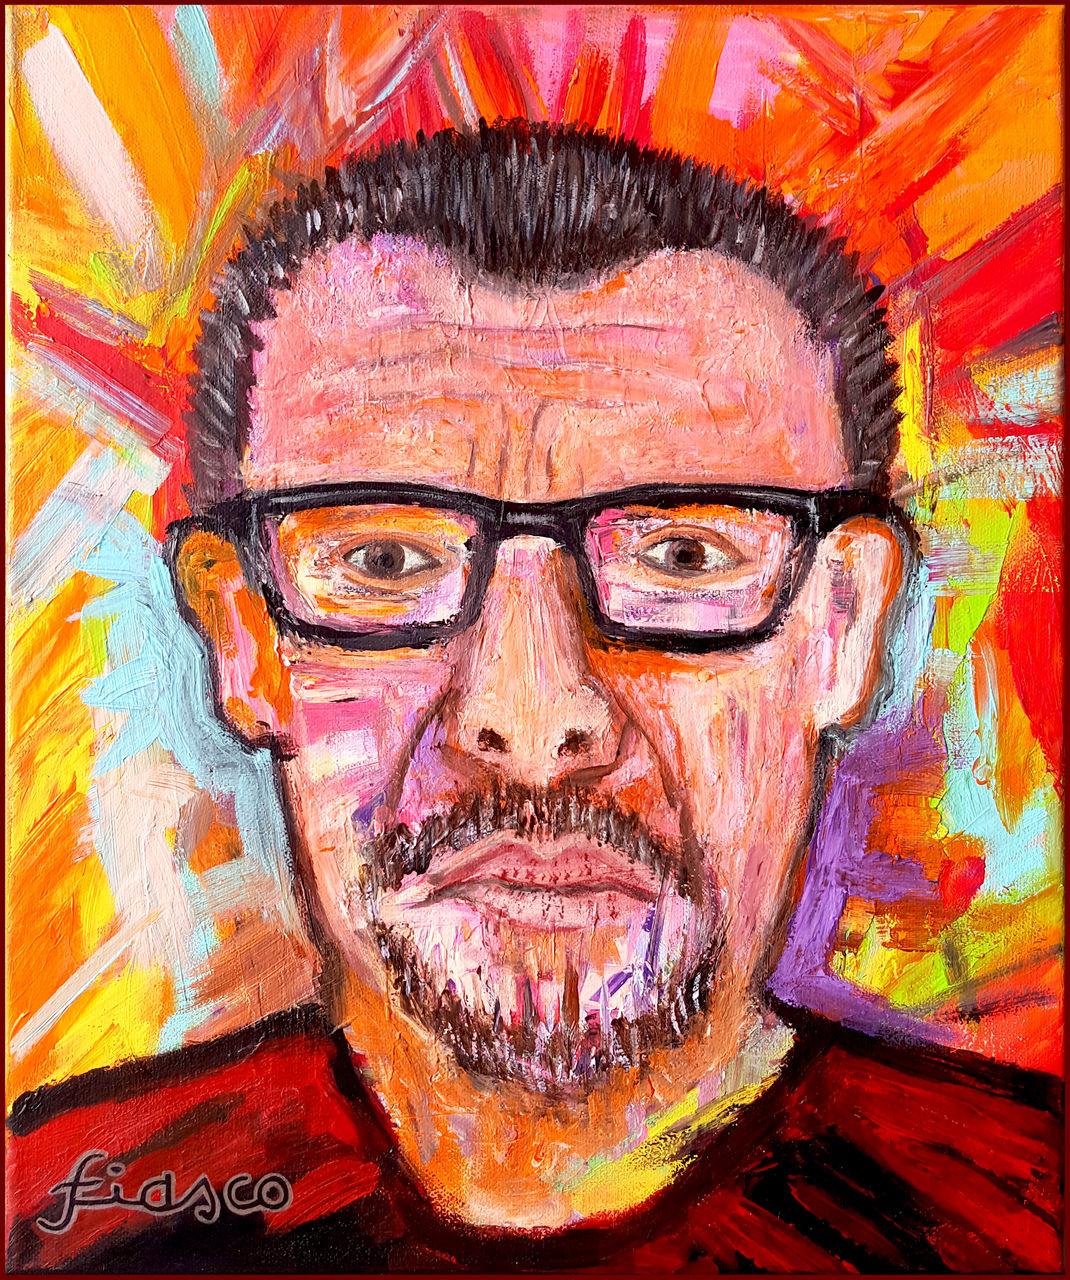 FIASCO Autoportrait